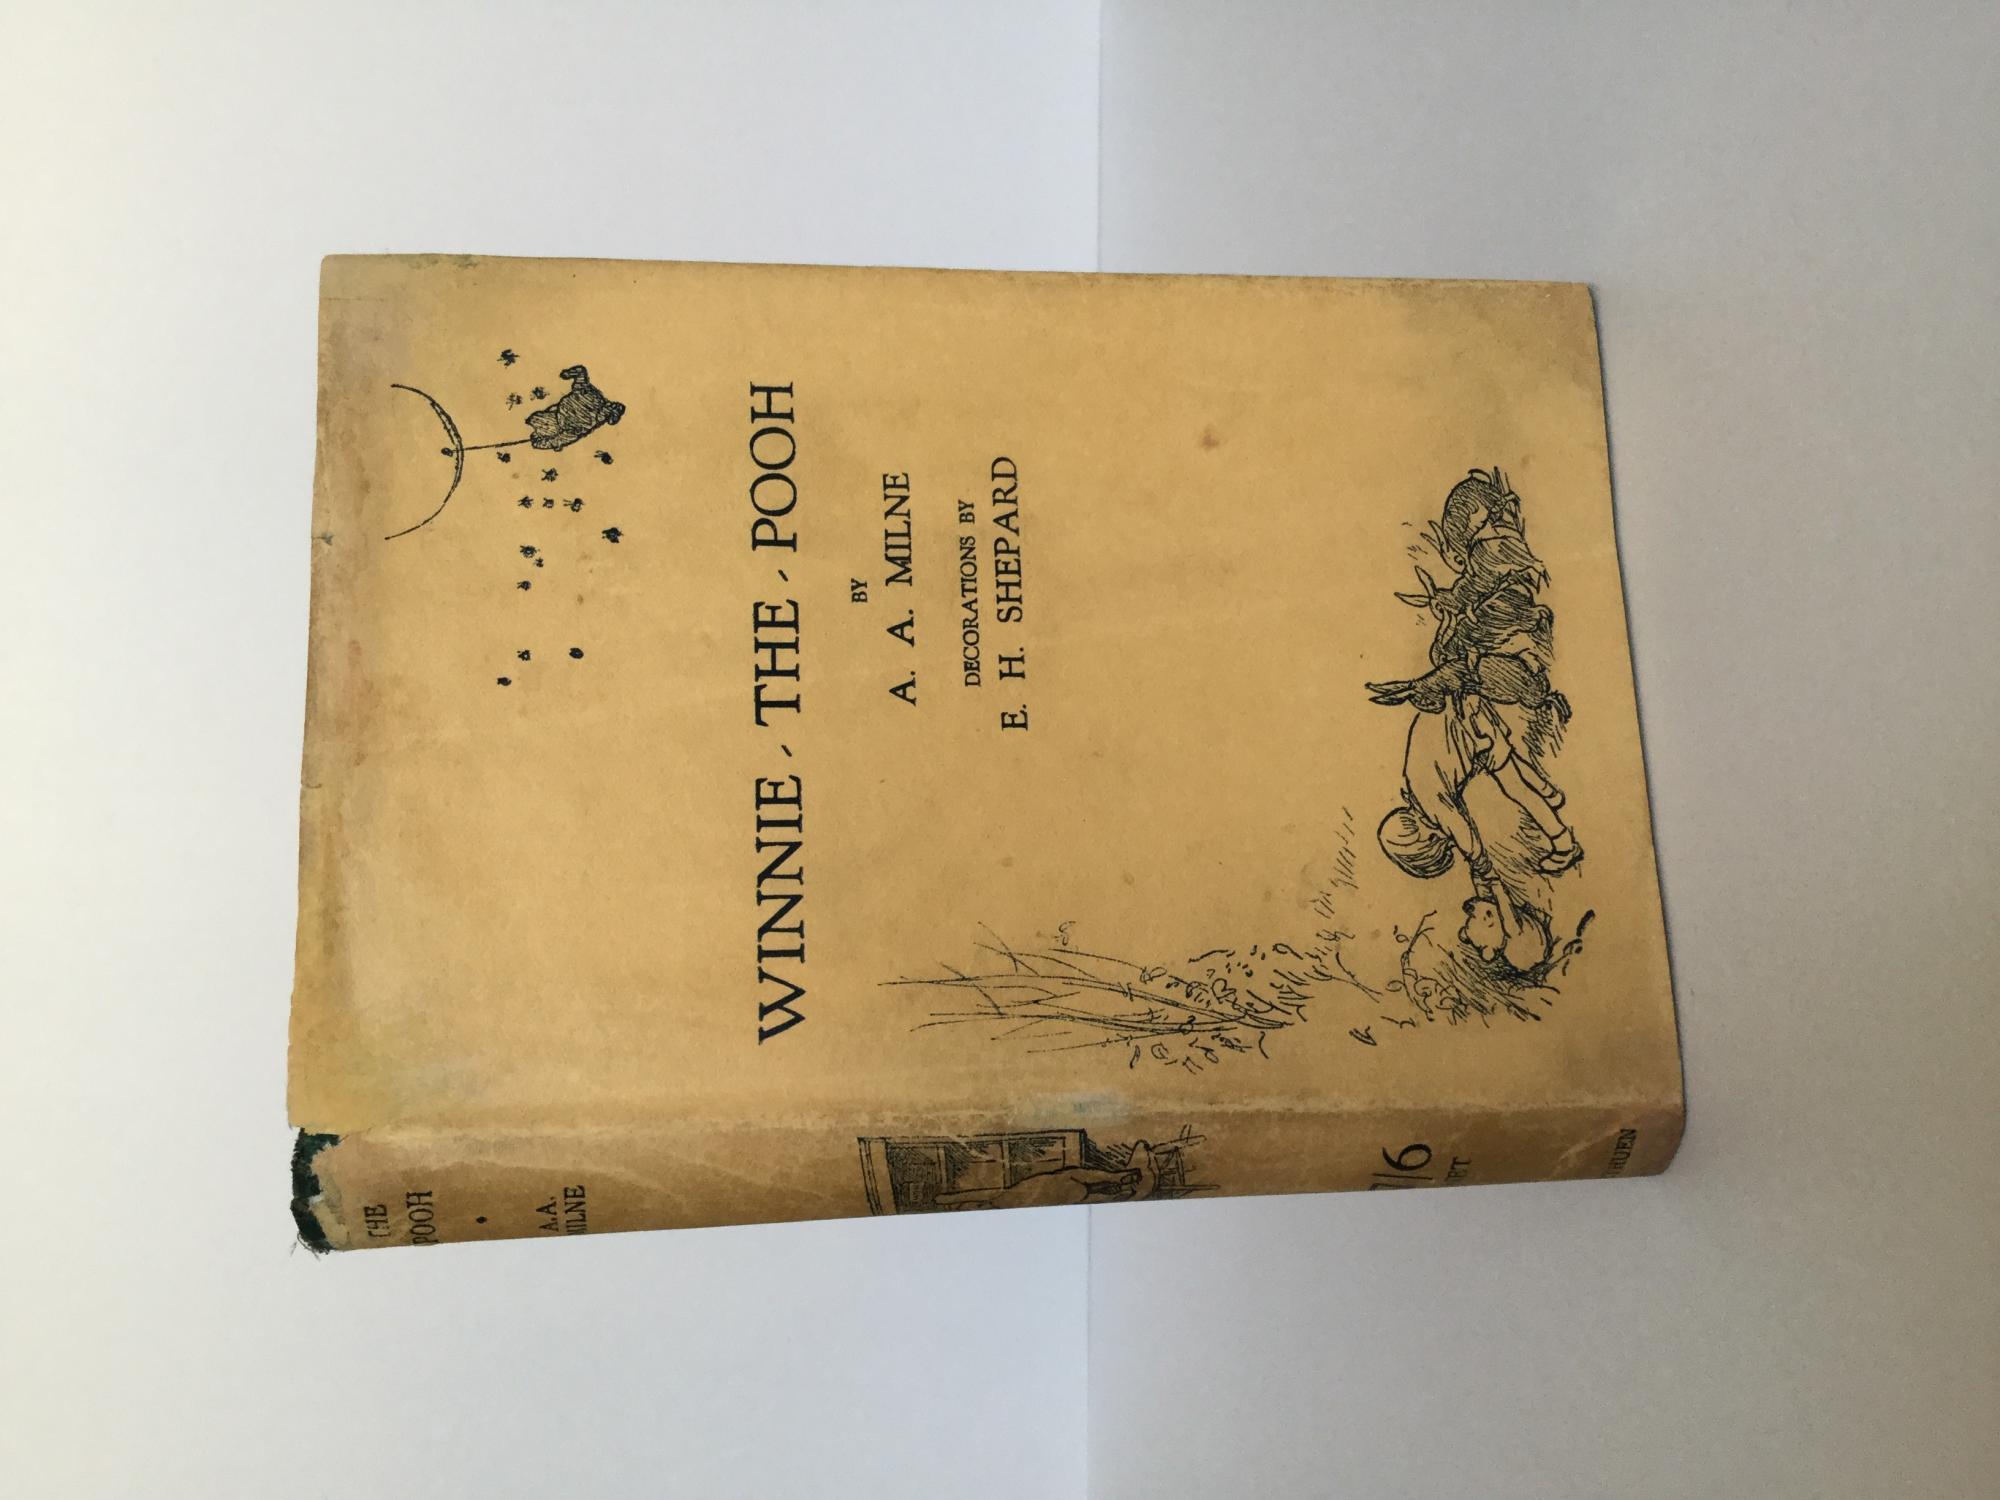 Planche À Découper Humoristique vialibri ~ rare books from 1926 - page 64